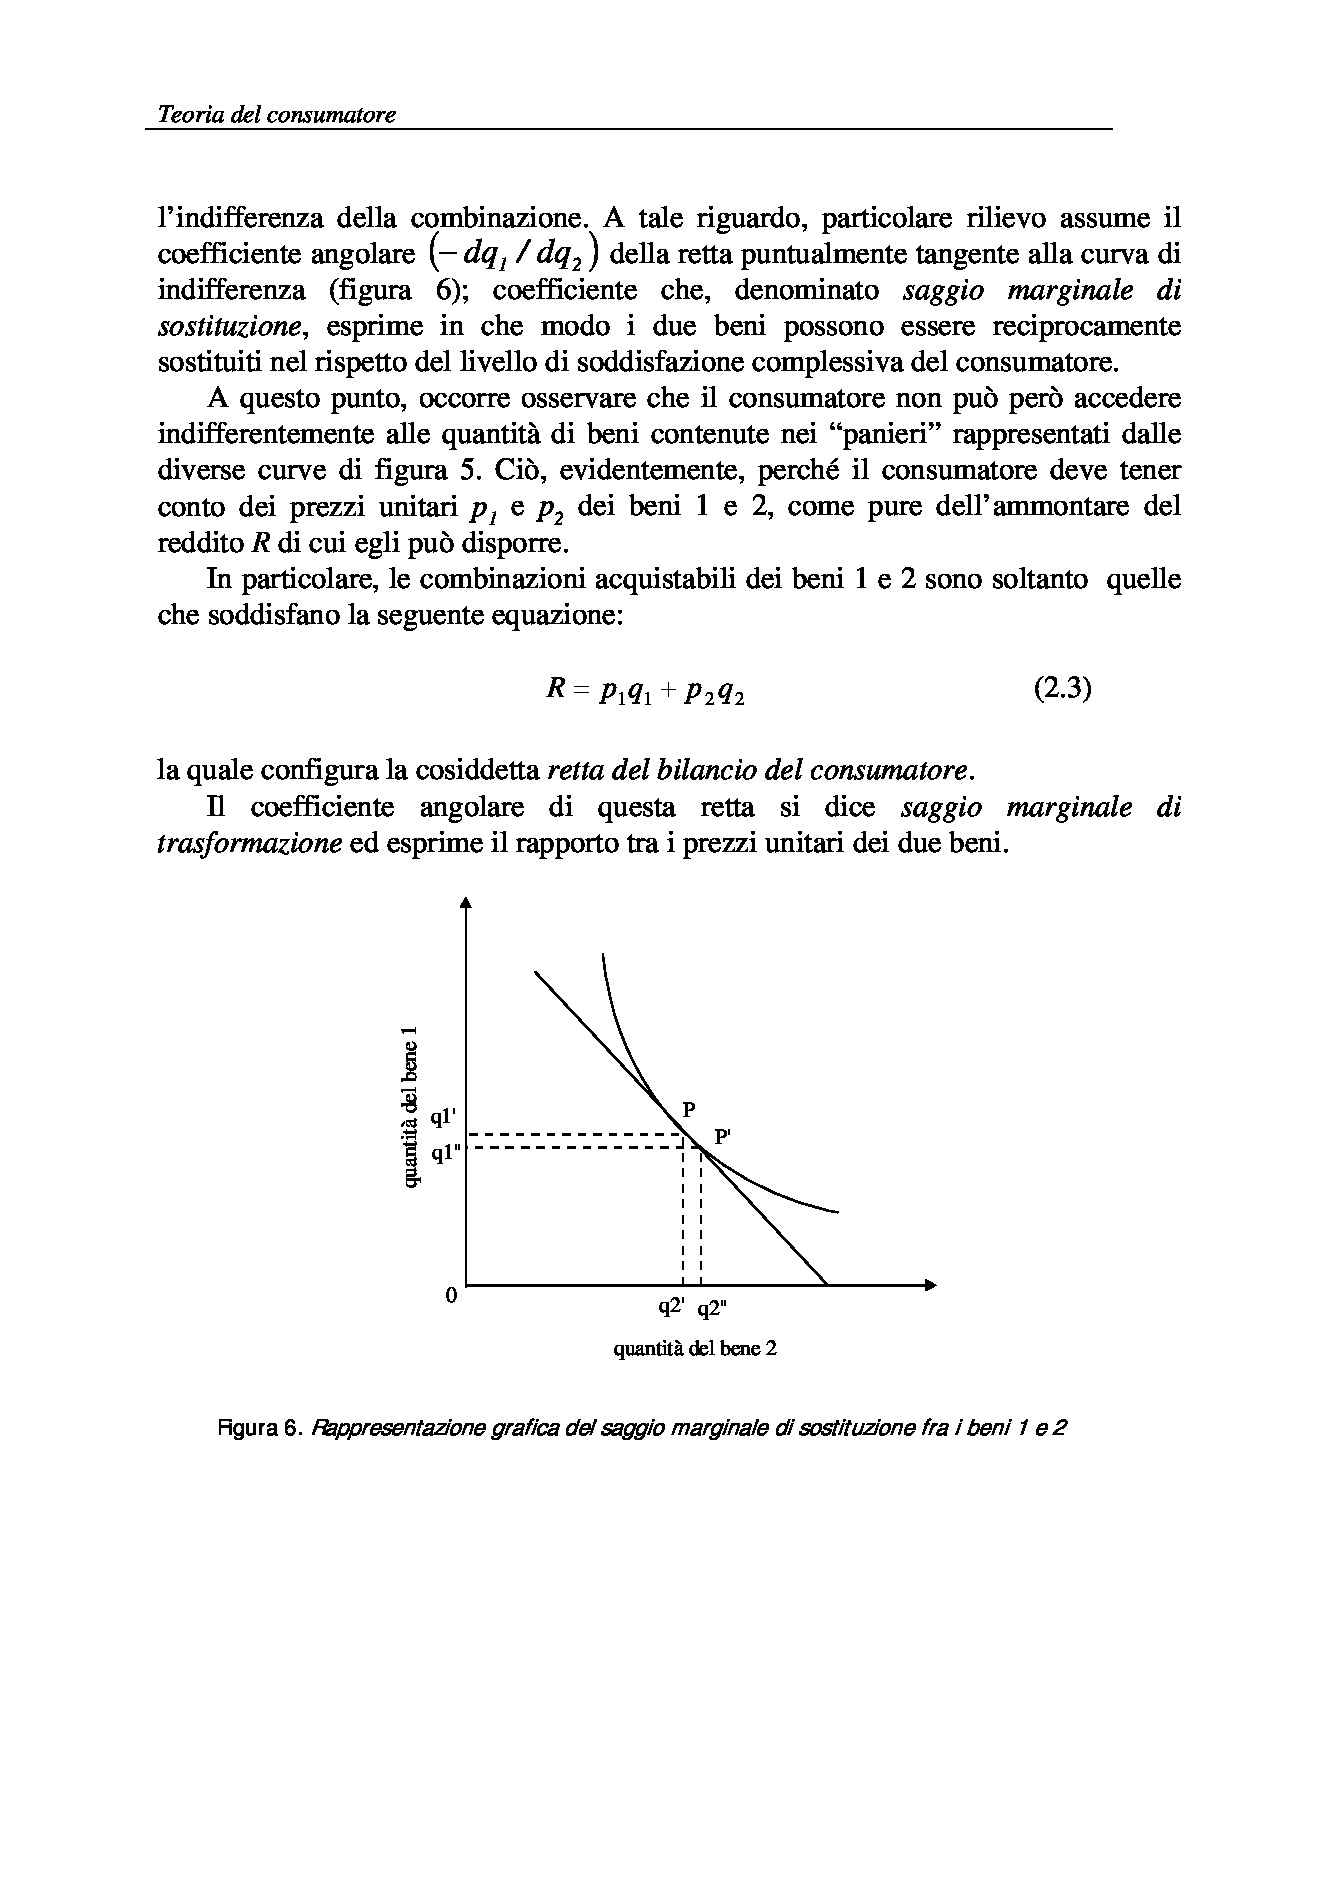 Economia politica e agroalimentare - bisogni e beni economici Pag. 16